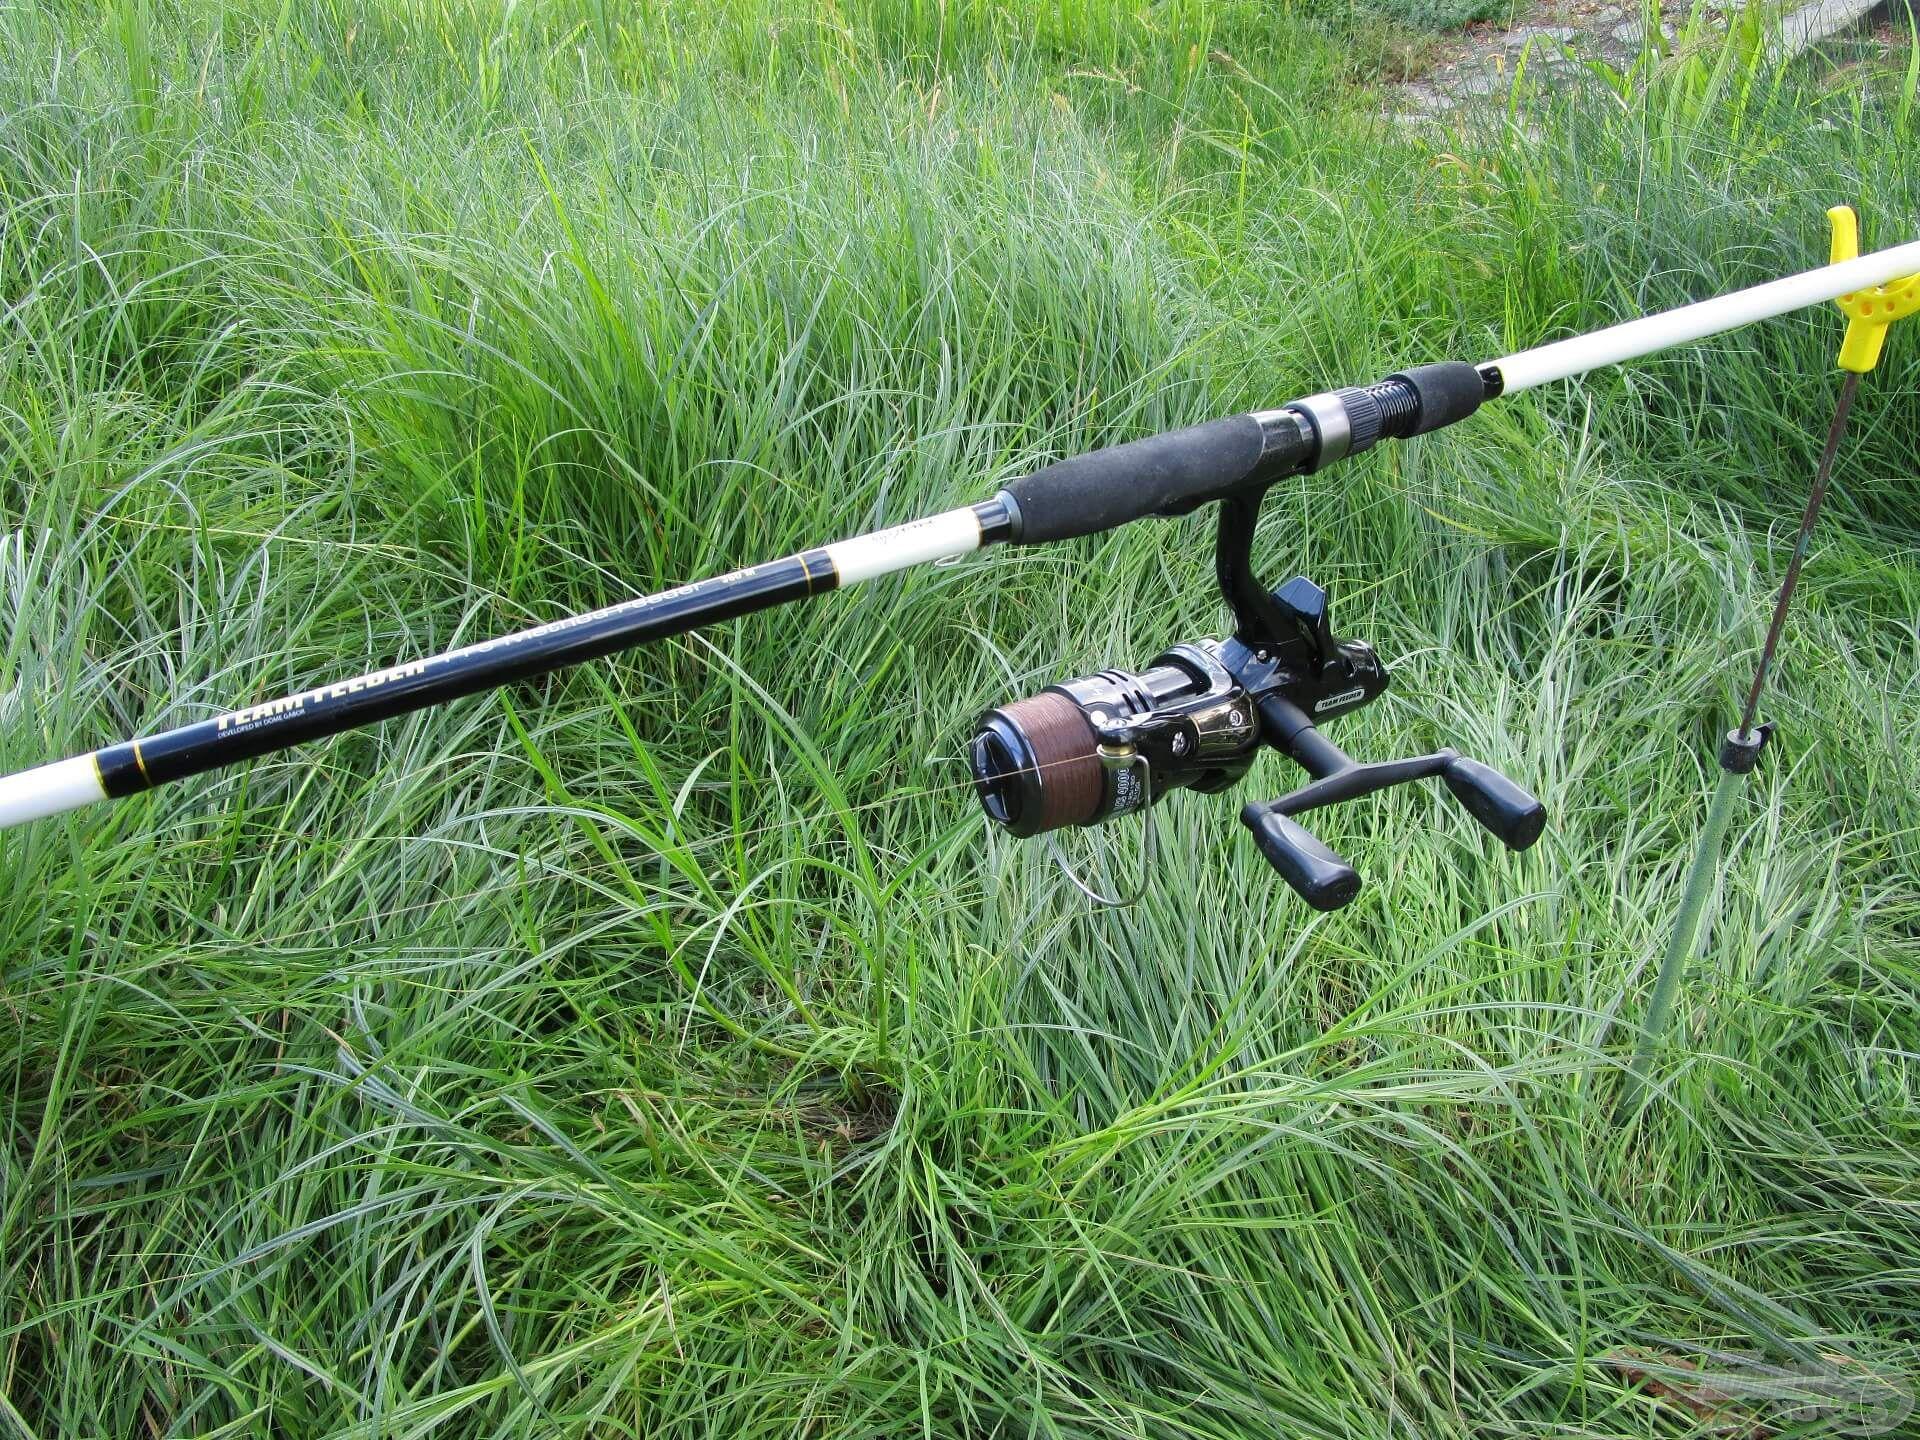 A Pro Method botot is nagyon szeretem. Mivel nem kellett messze horgászni, ezúttal egy kisméretű nyeletőfékes orsót tettem rá